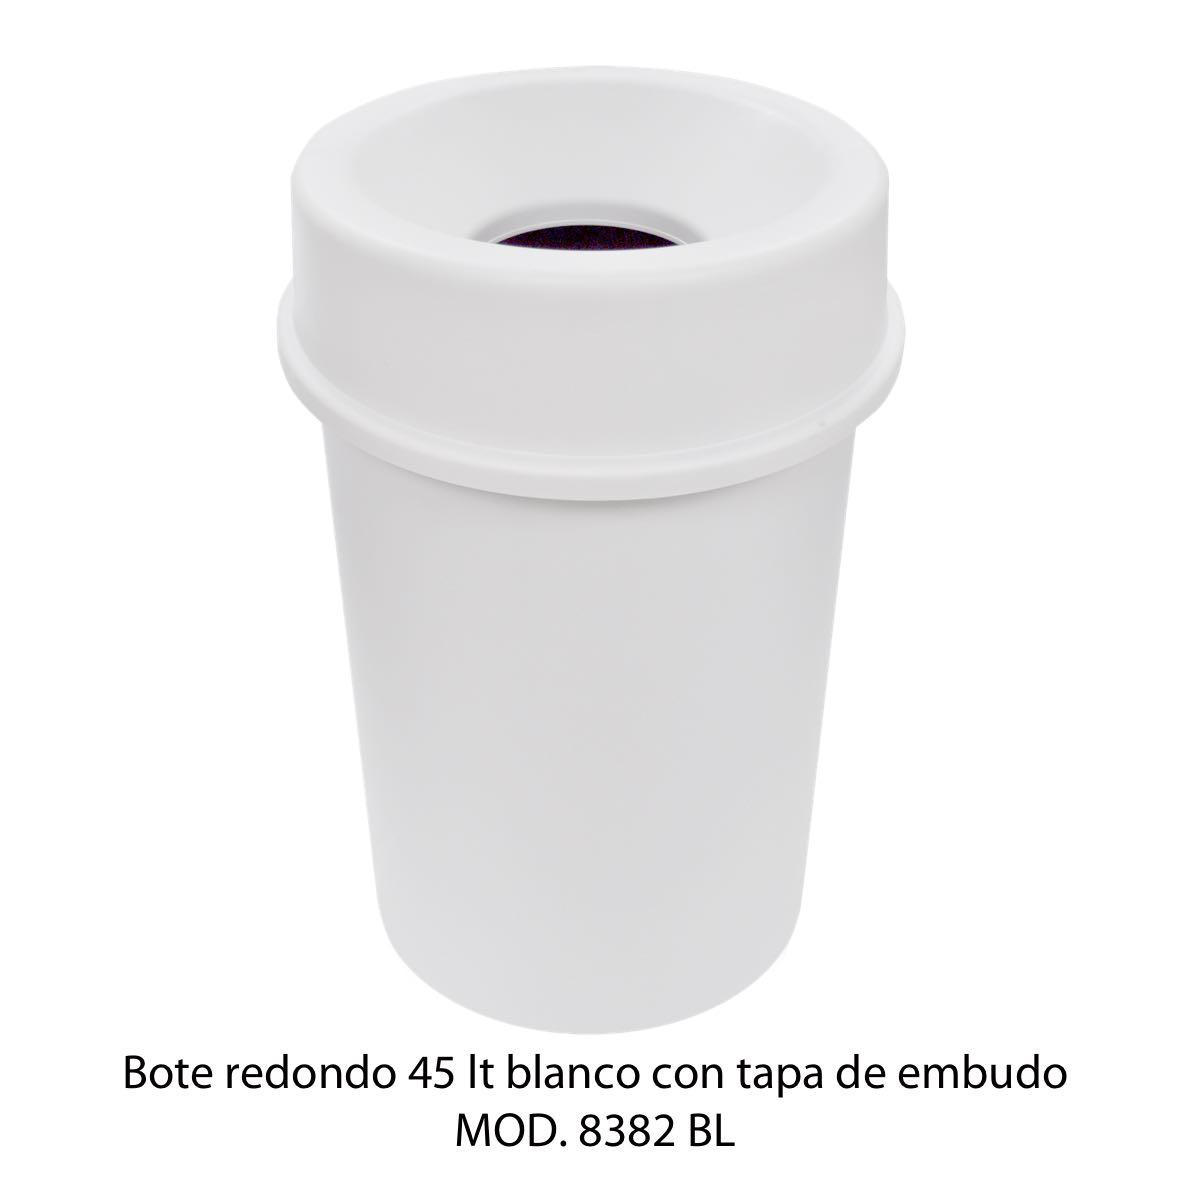 Bote de basura redondo 45 litros con tapa de embudo color blanco modelo 8382 BL Sablón